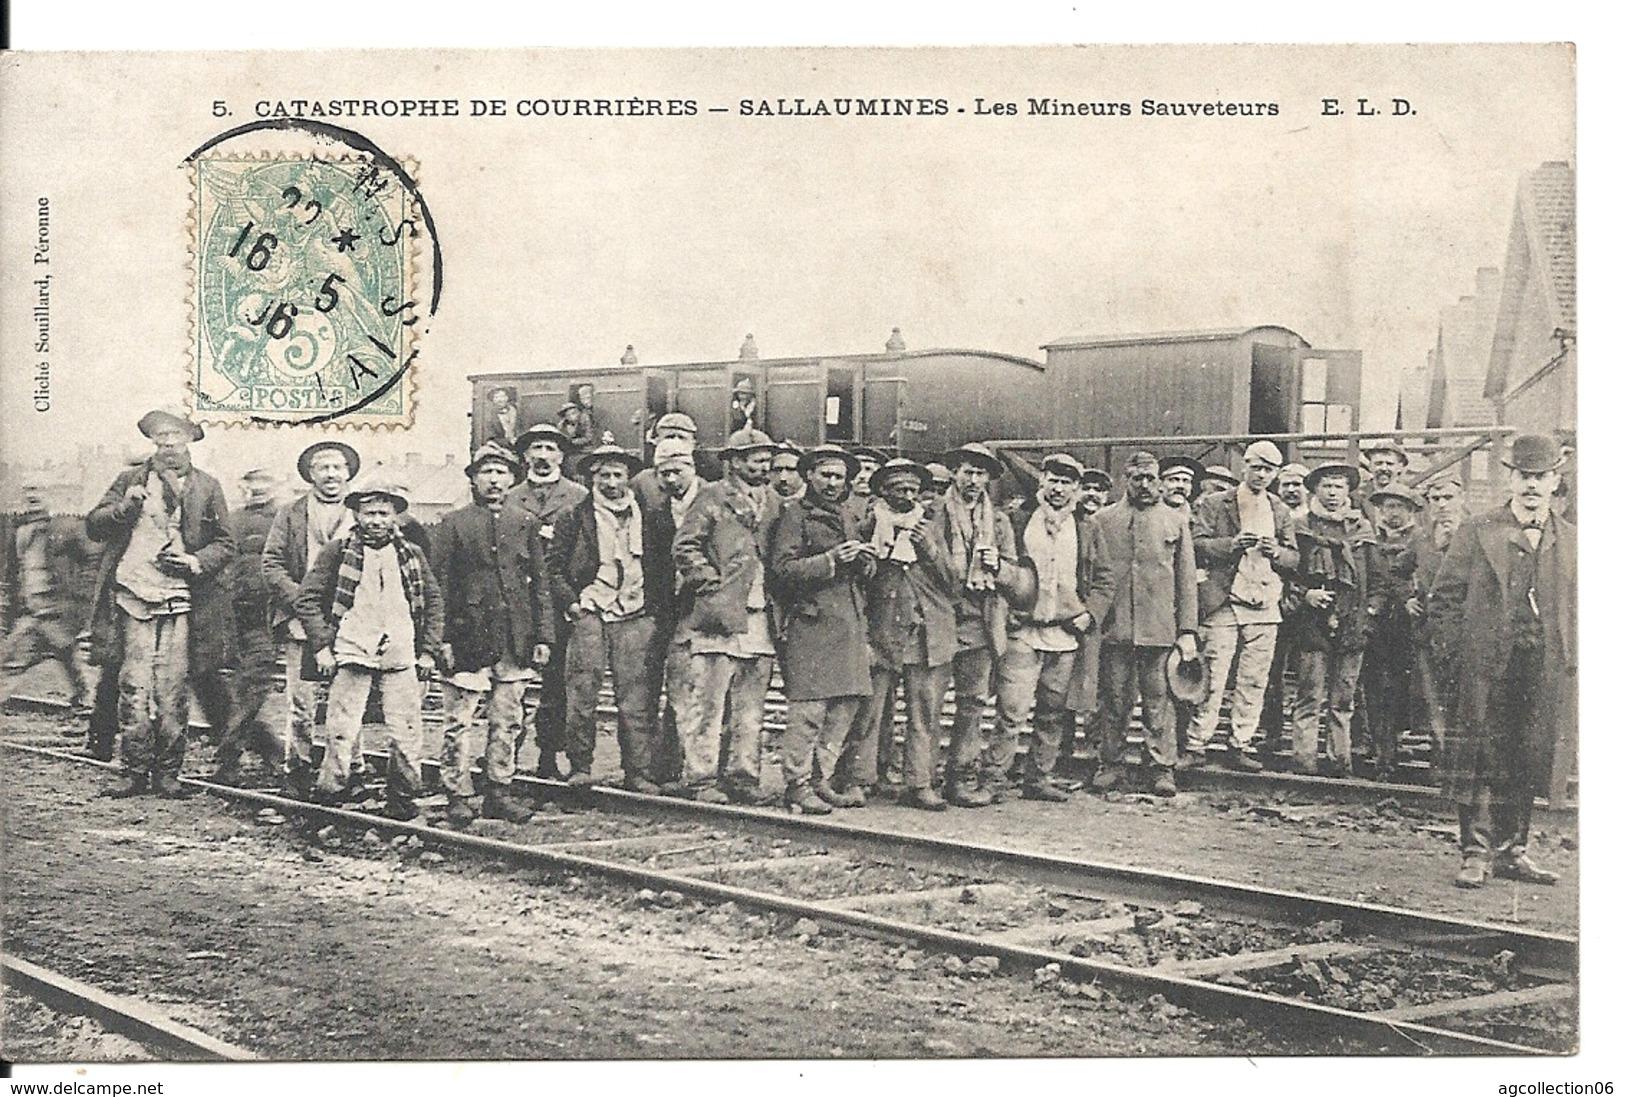 COURRIERES. CATASTROPHE. SALLAUMINES. LES MINEURS SAUVETEURS - France